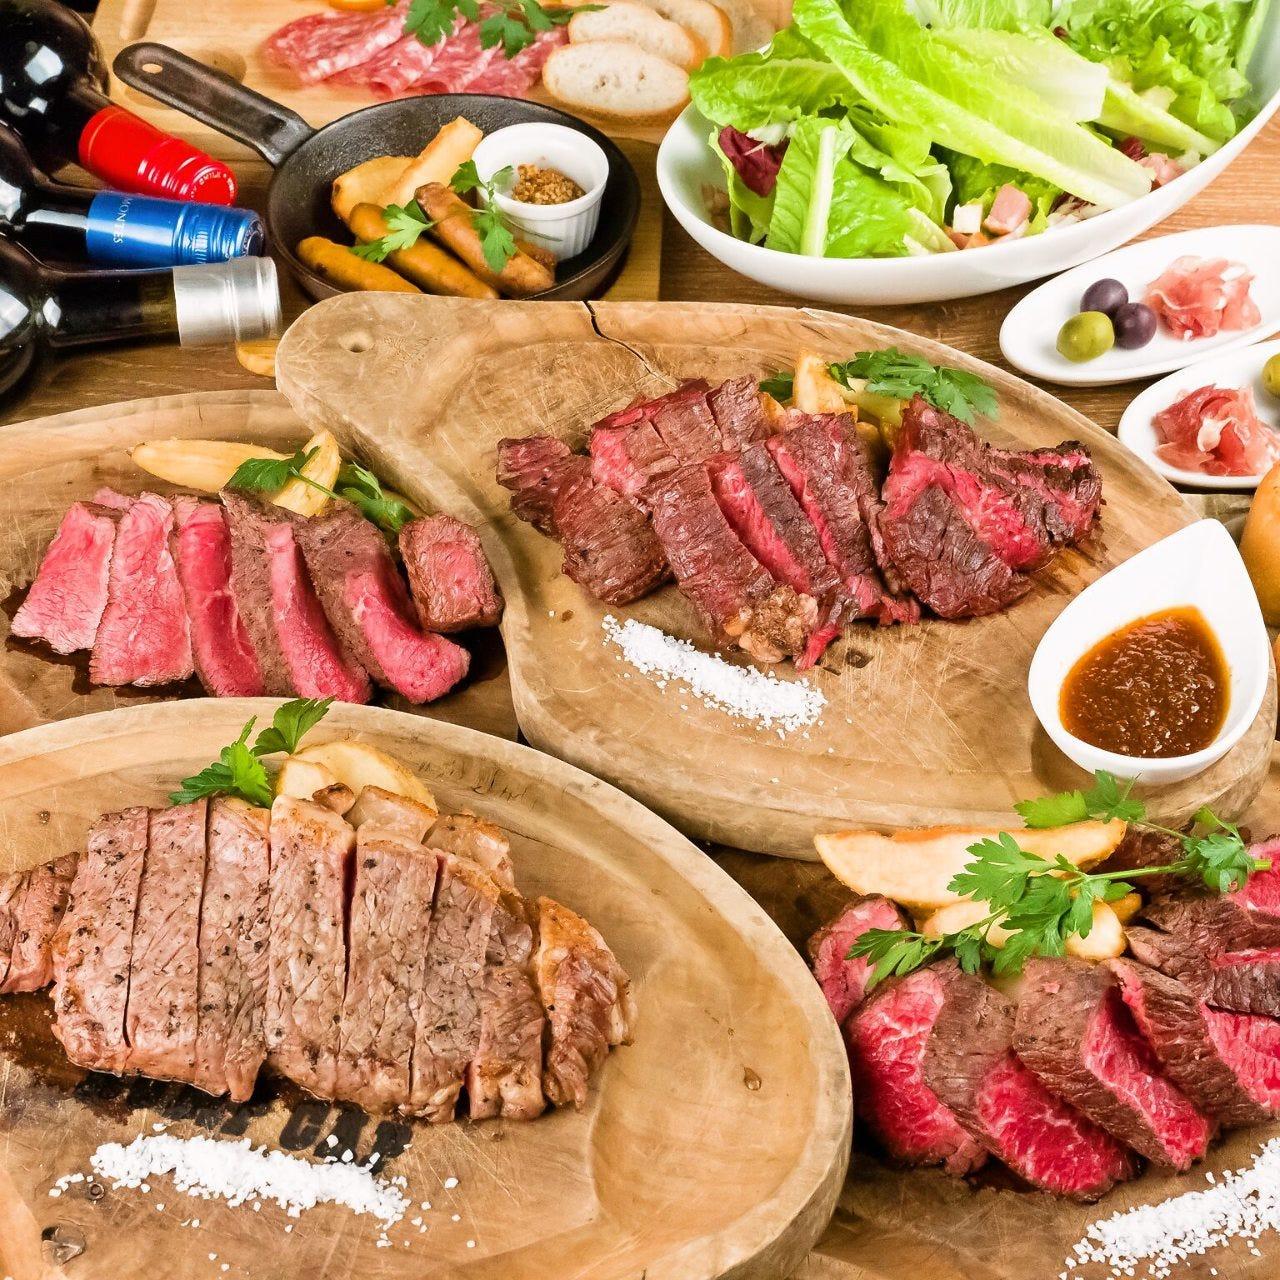 全日OK!☆2時間飲み放題付き【新★RUMP CAP 肉MANコース】お料理7品 5000円